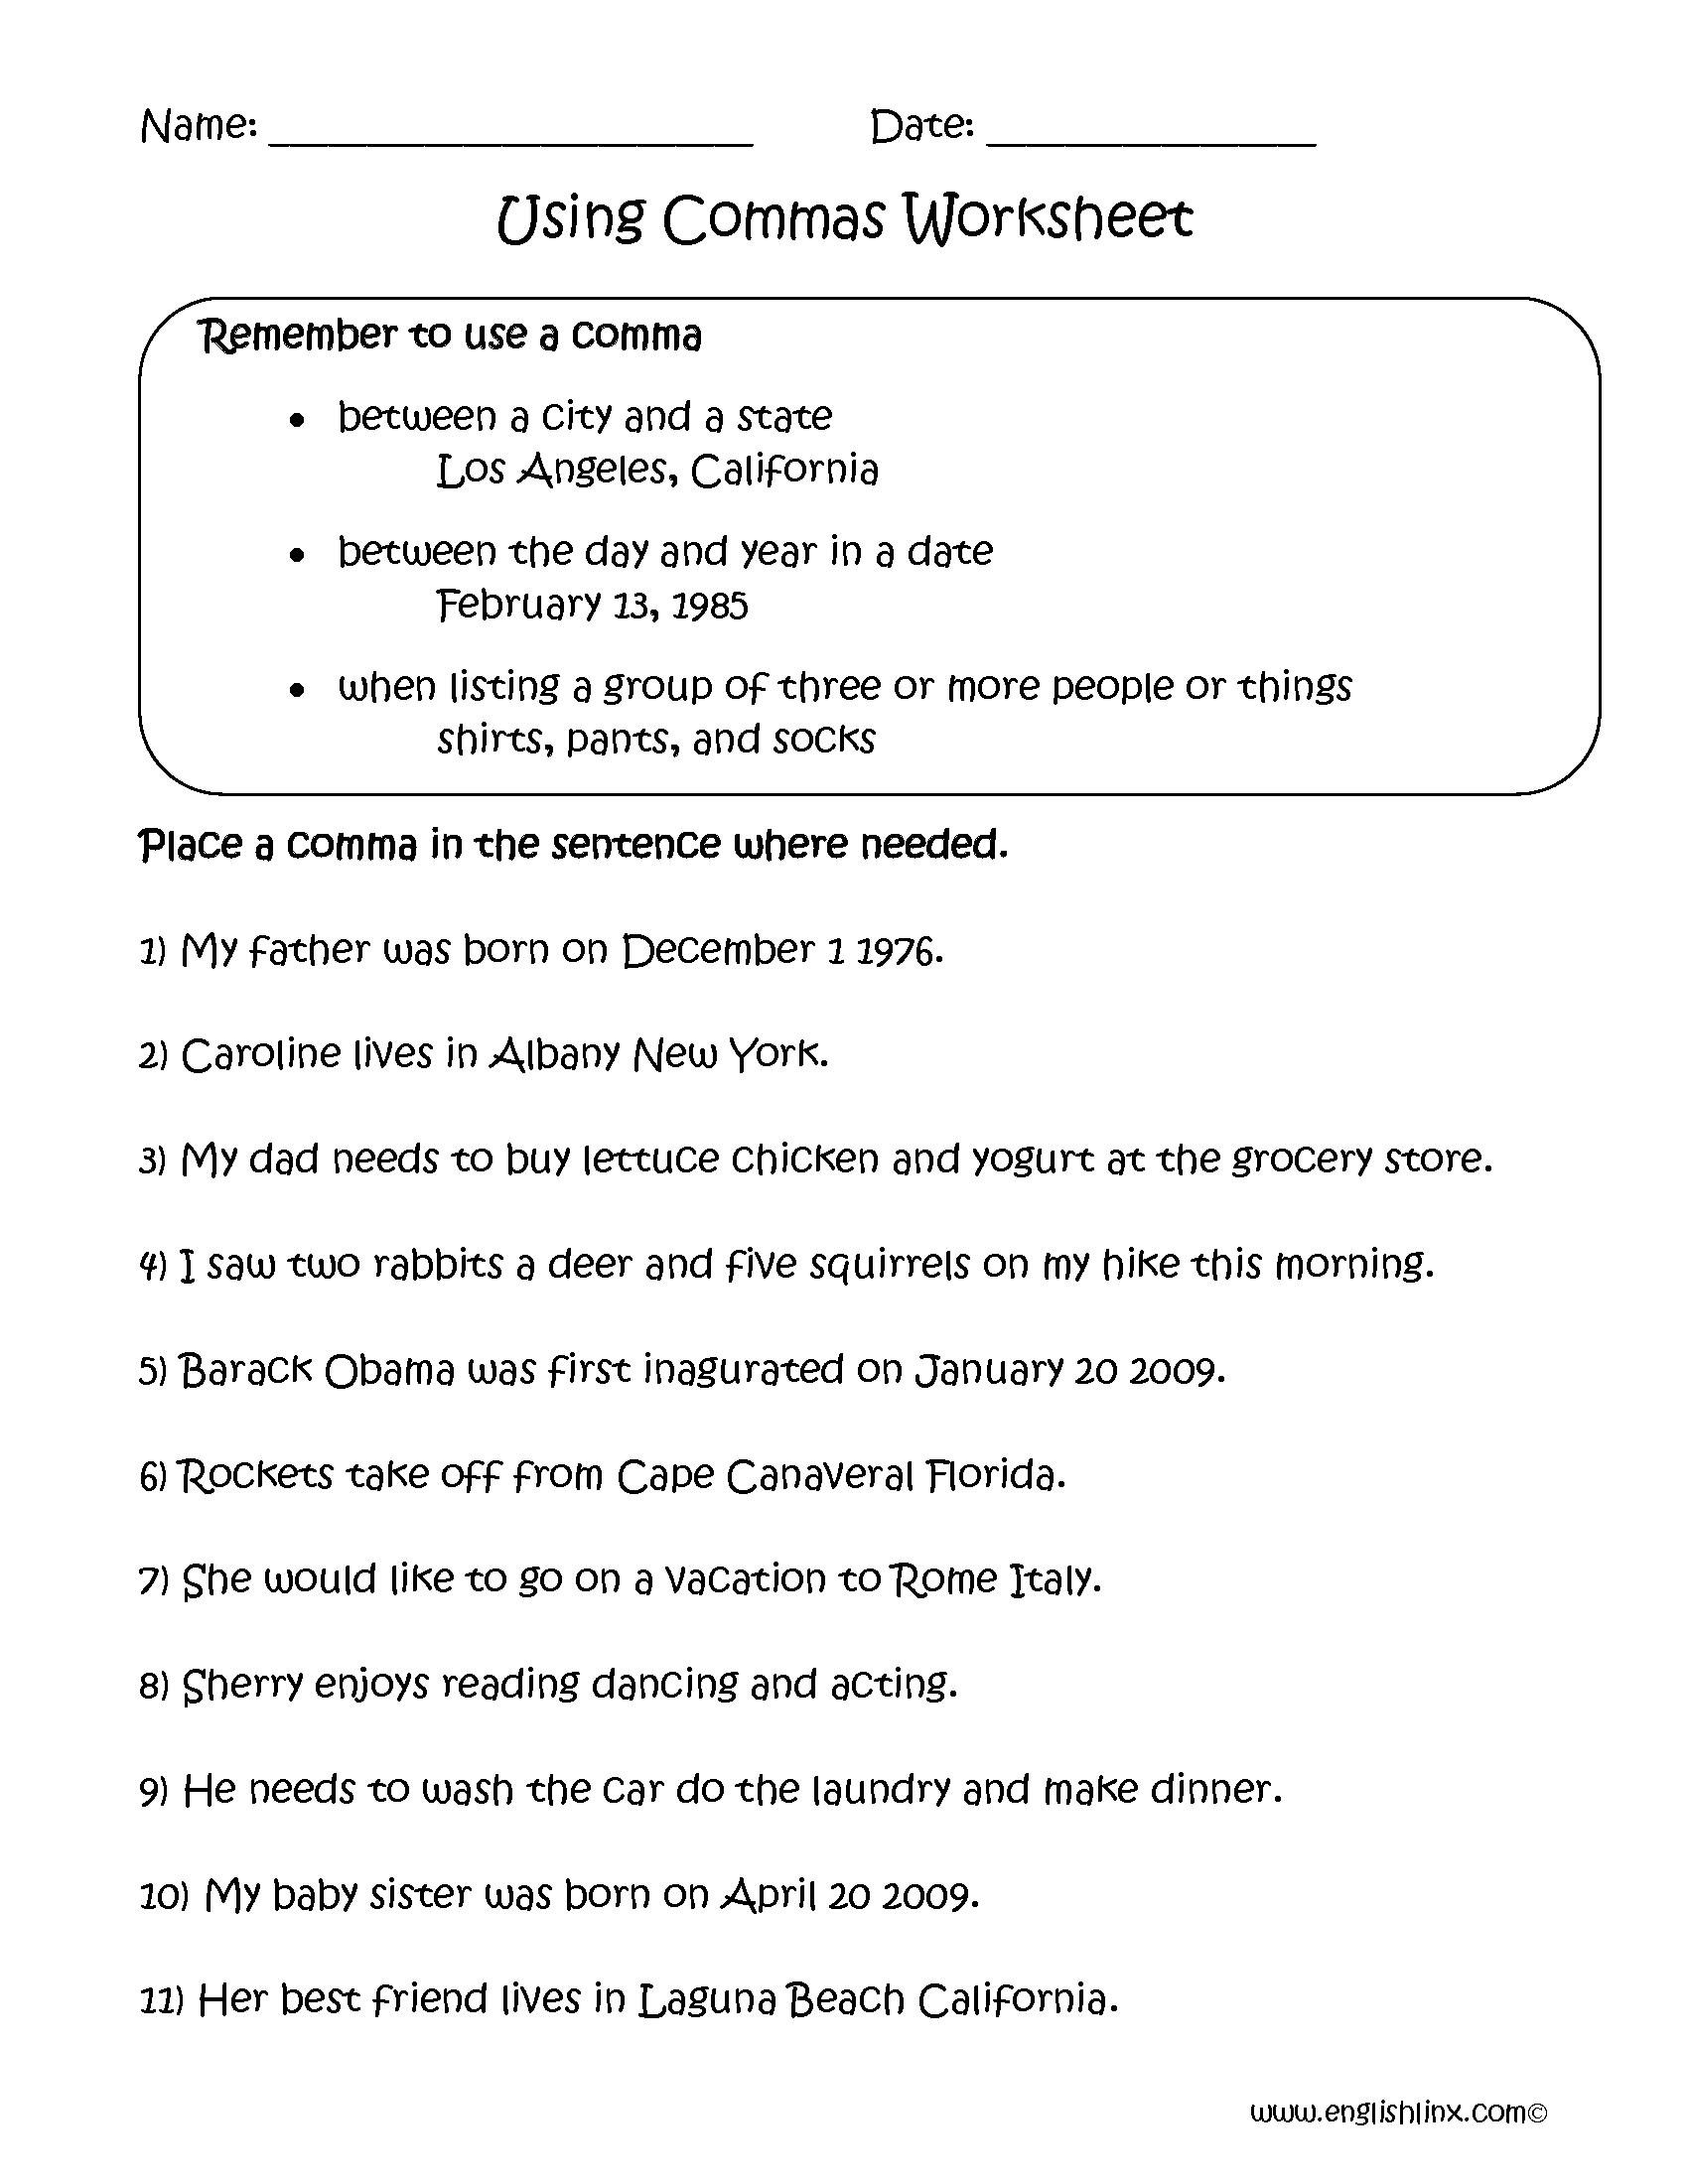 Using Commas Worksheets | Englishlinx.com Board ...